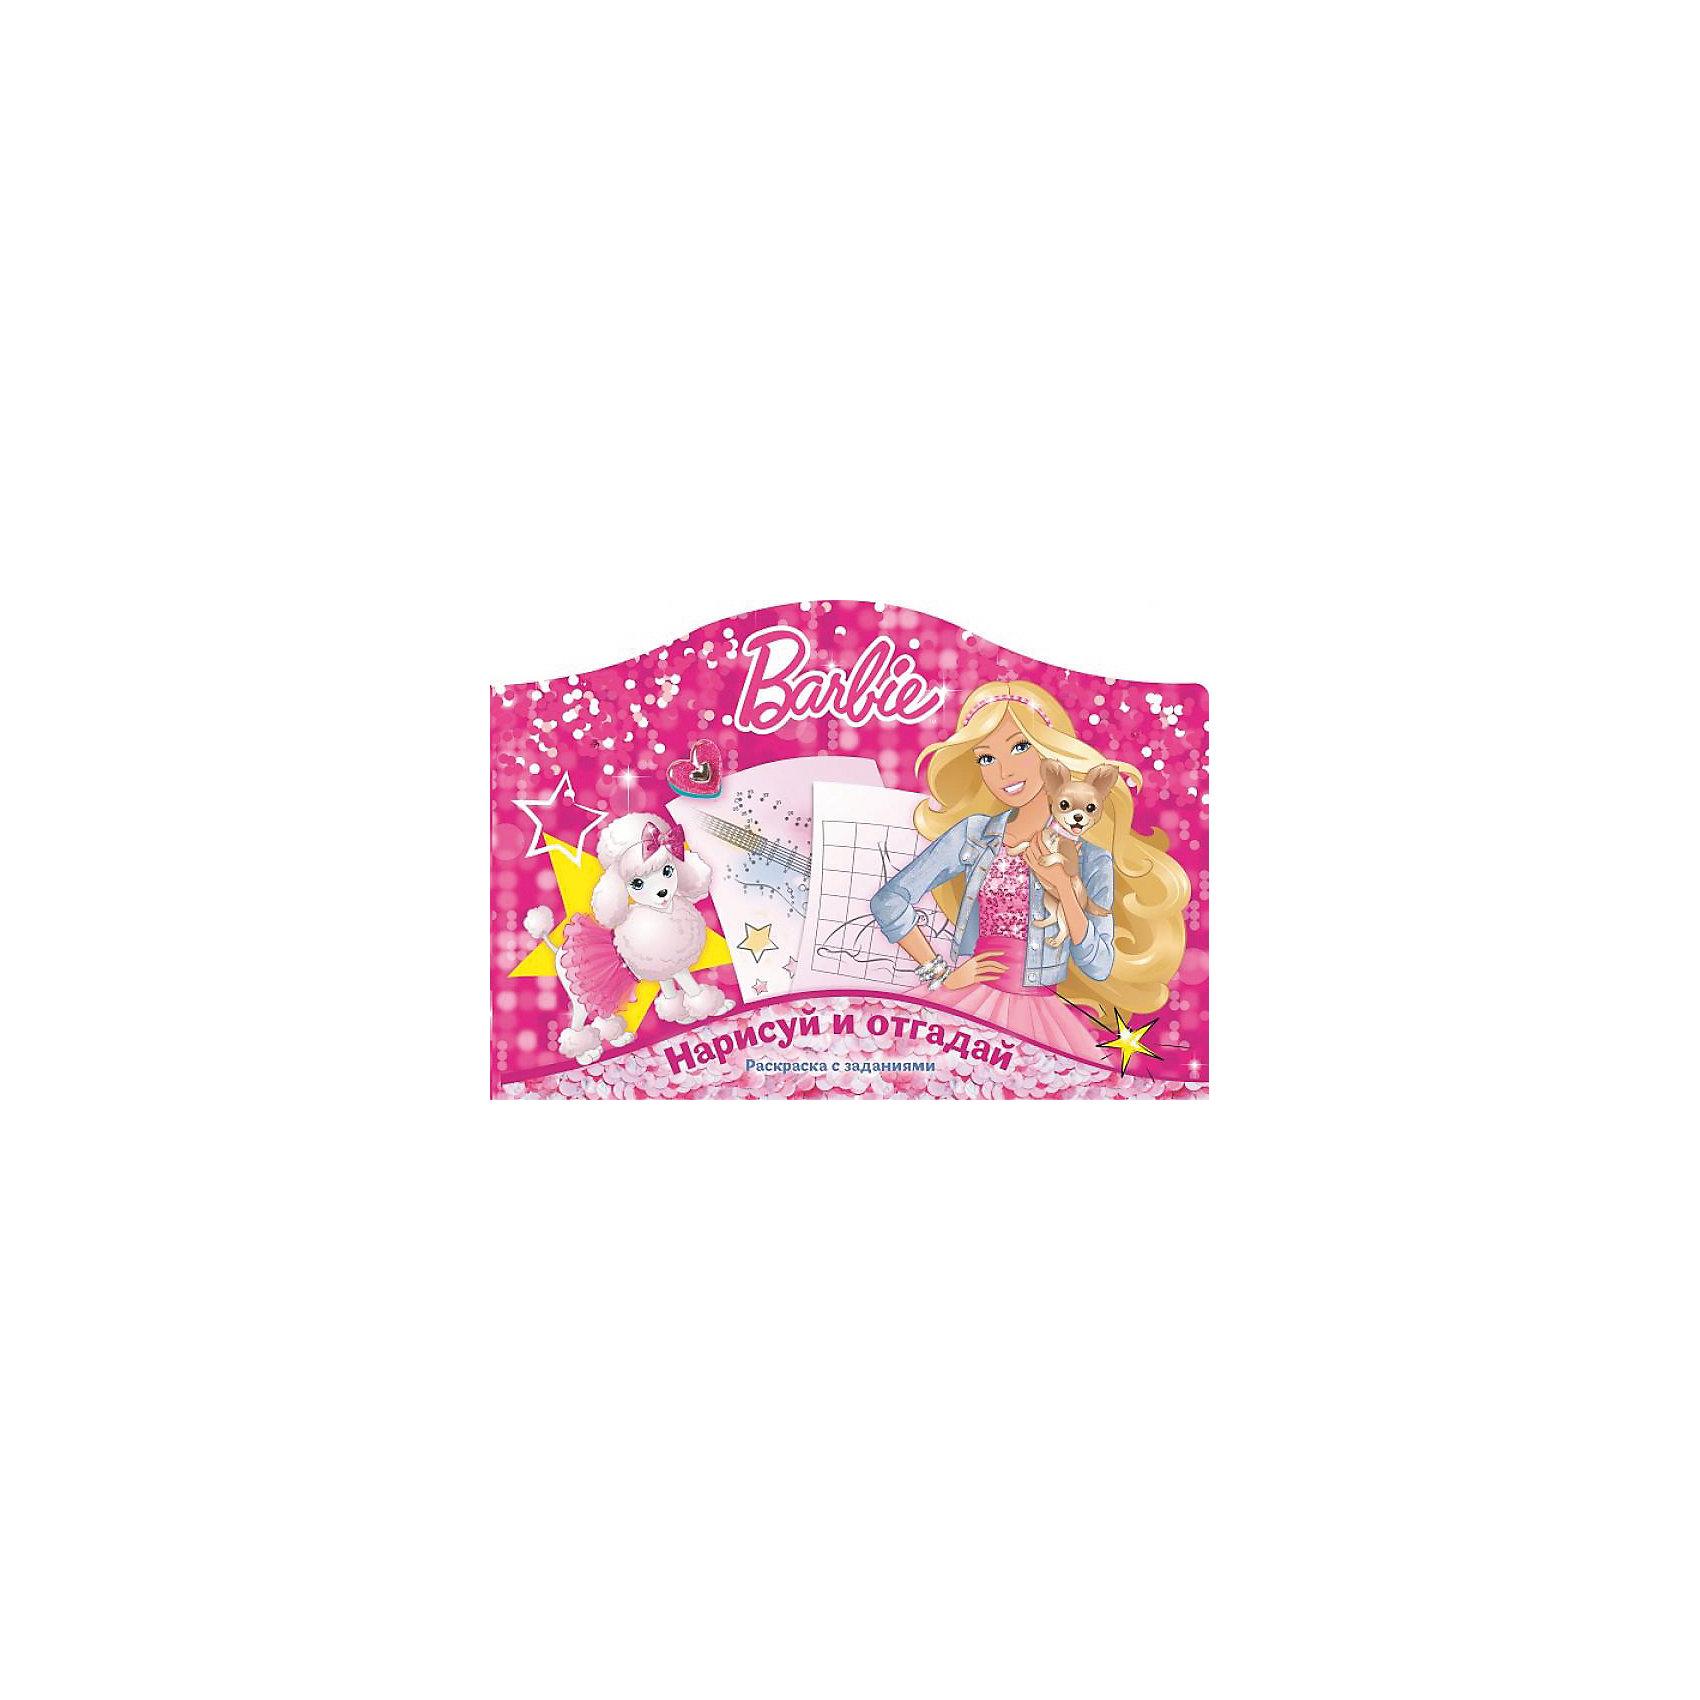 Раскраска с заданиями  БарбиРисование<br>Раскраска с заданиями  Барби – это отличная раскраска с заданиями для маленьких принцесс.<br>Раскраска с заданиями Барби сделает досуг вашей малышки веселей и интереснее. В ней надо не только раскрасить рисунки, но и выполнять увлекательные задания, о которых просит Барби: подобрать пары, нарисовать по точкам, найти отличия, сравнить или посчитать предметы, прочитать зашифрованное слово. Проходя их одно за другим, девочка сможет натренировать логику, смекалку и наблюдательность. Для младшего школьного возраста.<br><br>Дополнительная информация:<br><br>- Редактор: Пименова Татьяна<br>- Издательство: Эгмонт, 2015 г.<br>- Серия: Нарисуй и отгадай<br>- Тип обложки: мягкий переплет (крепление скрепкой или клеем)<br>- Оформление: вырубка, частичная лакировка<br>- Иллюстрации: черно-белые<br>- Количество страниц: 32 (офсет)<br>- Размер: 210x298x4 мм.<br>- Вес: 148 гр.<br><br>Раскраску с заданиями  Барби можно купить в нашем интернет-магазине.<br><br>Ширина мм: 210<br>Глубина мм: 295<br>Высота мм: 4<br>Вес г: 100<br>Возраст от месяцев: 48<br>Возраст до месяцев: 120<br>Пол: Женский<br>Возраст: Детский<br>SKU: 4400528